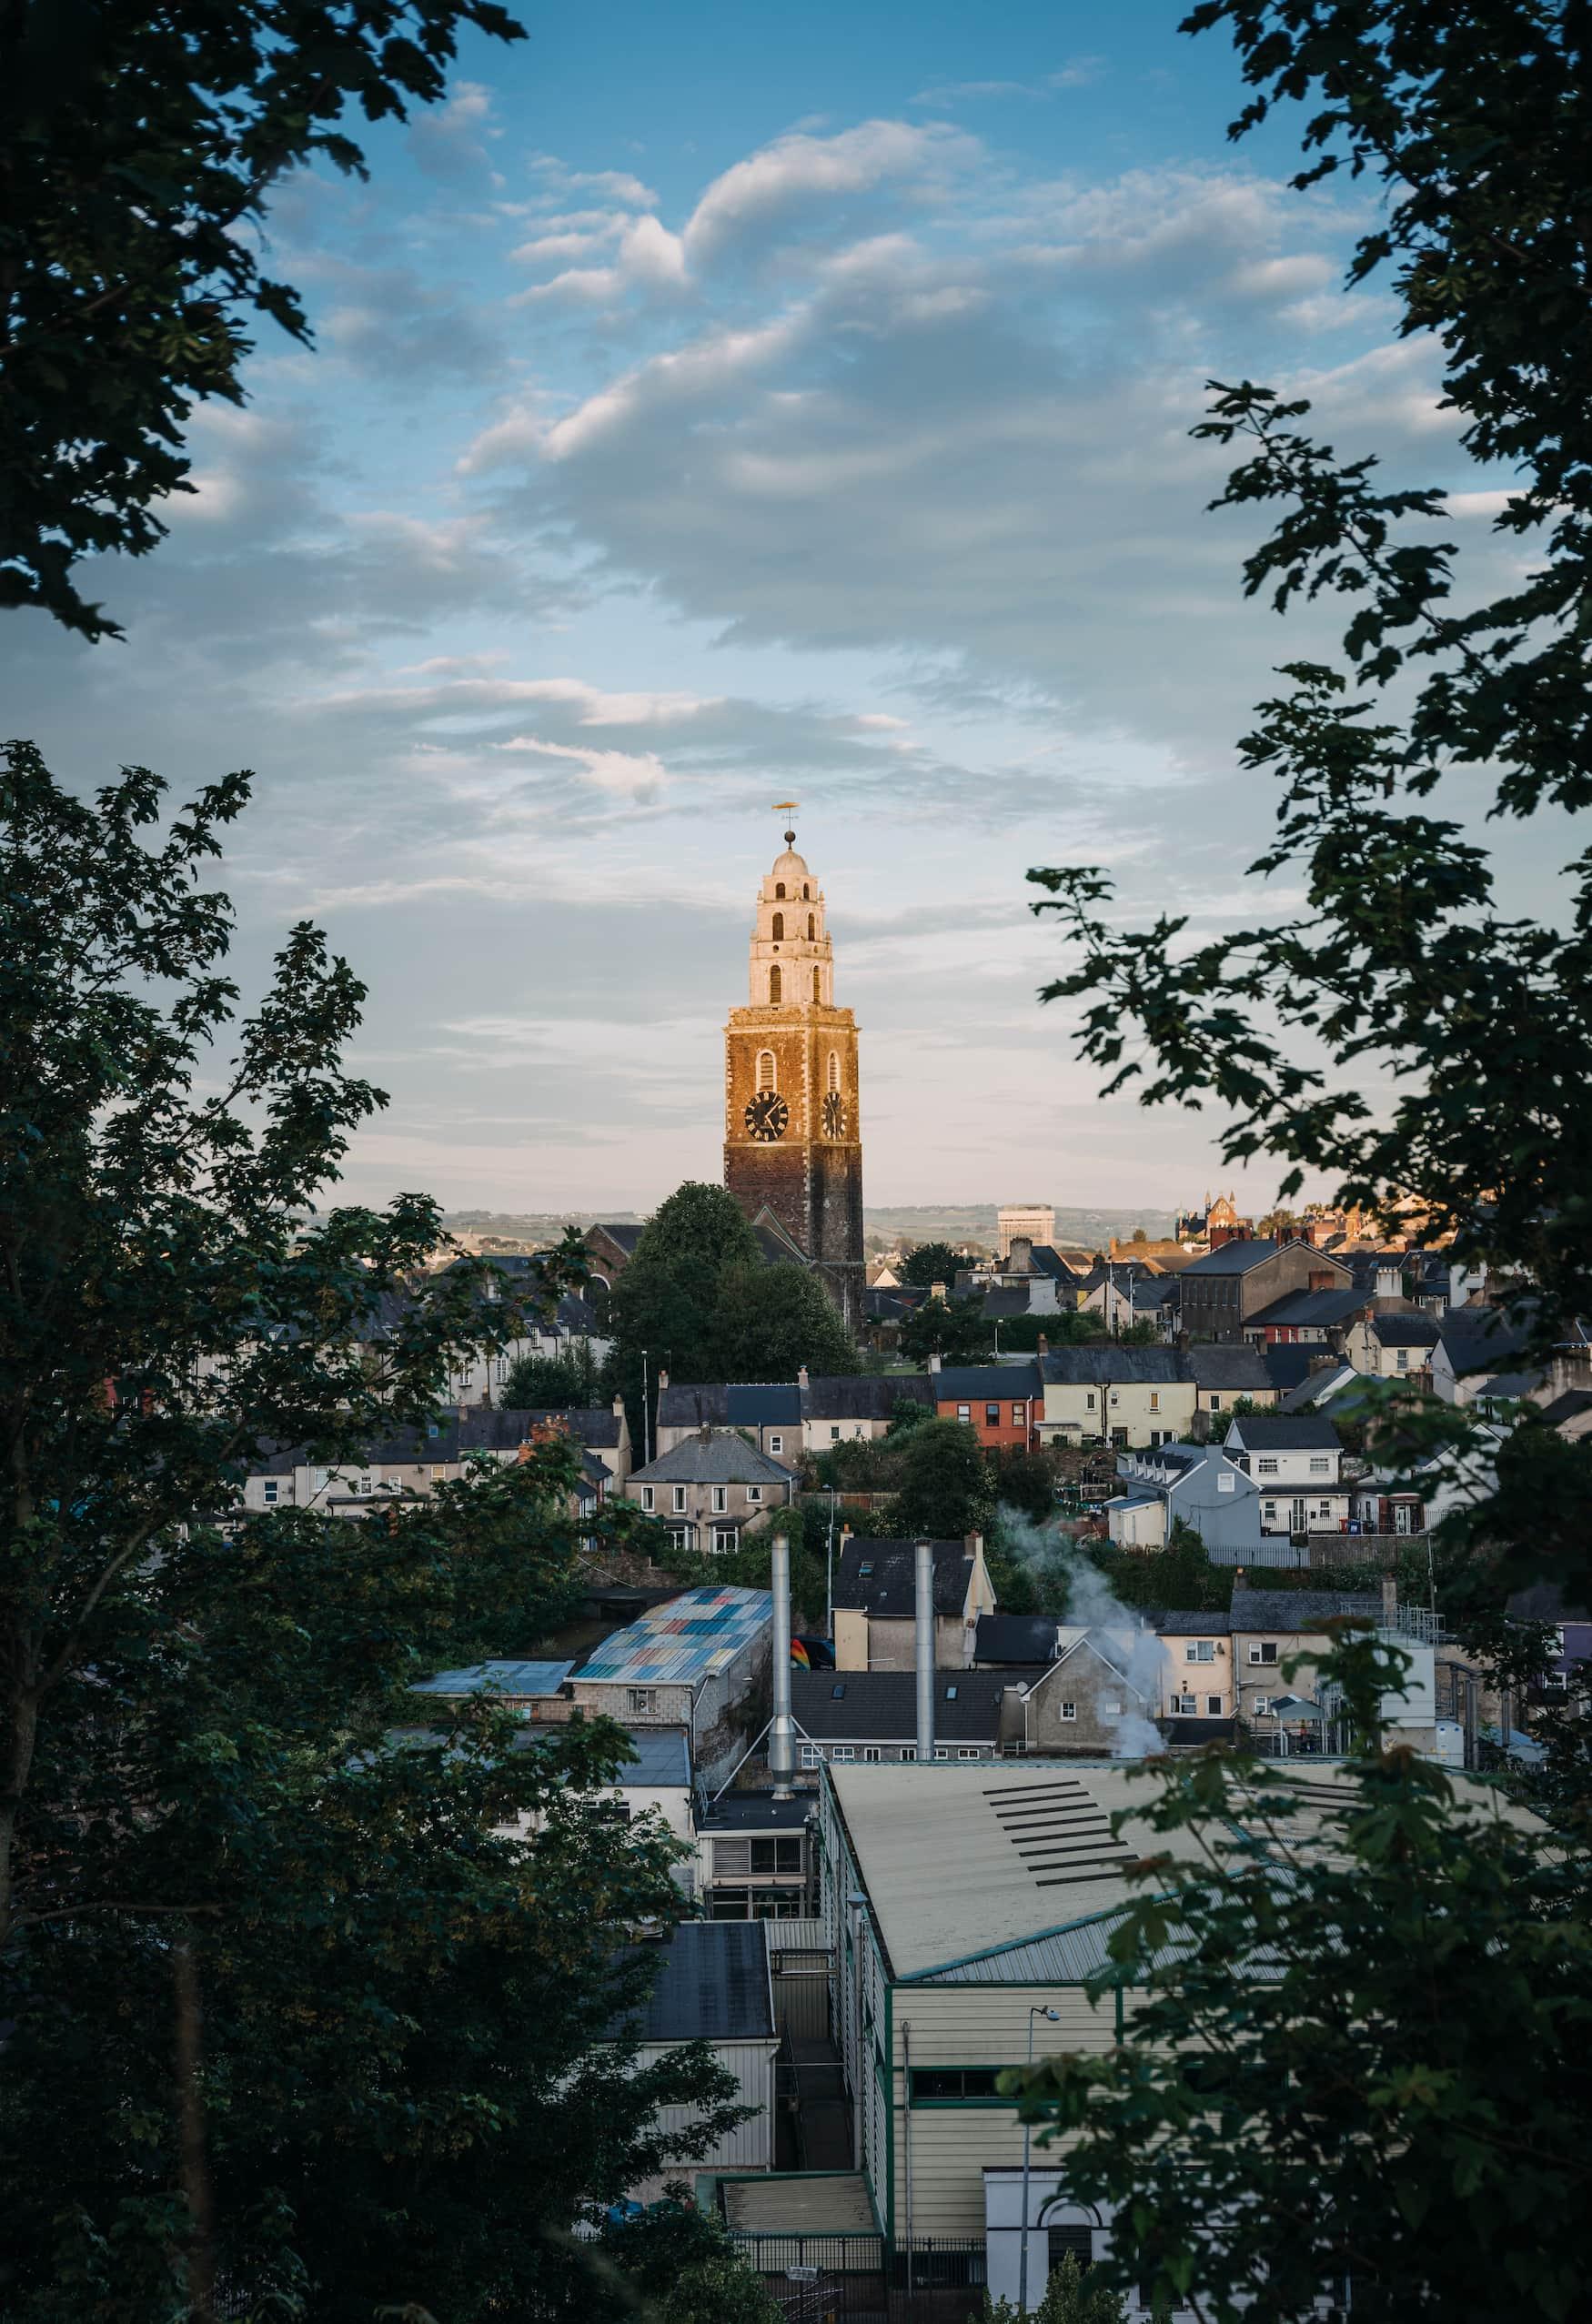 St Anne's Church in Cork